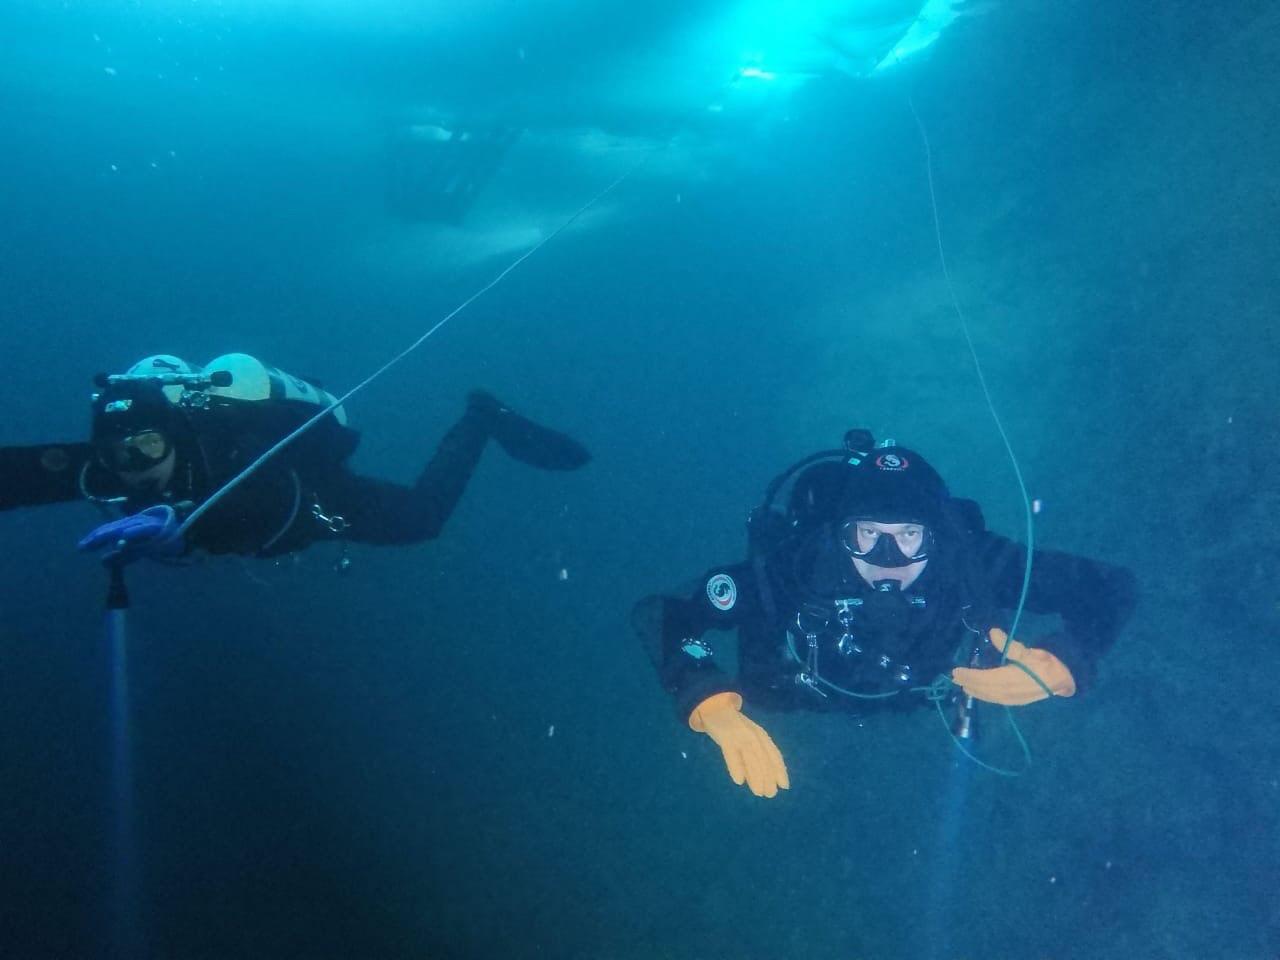 Это съемки самих дайверов во время подледного погружения на Голубых озерах